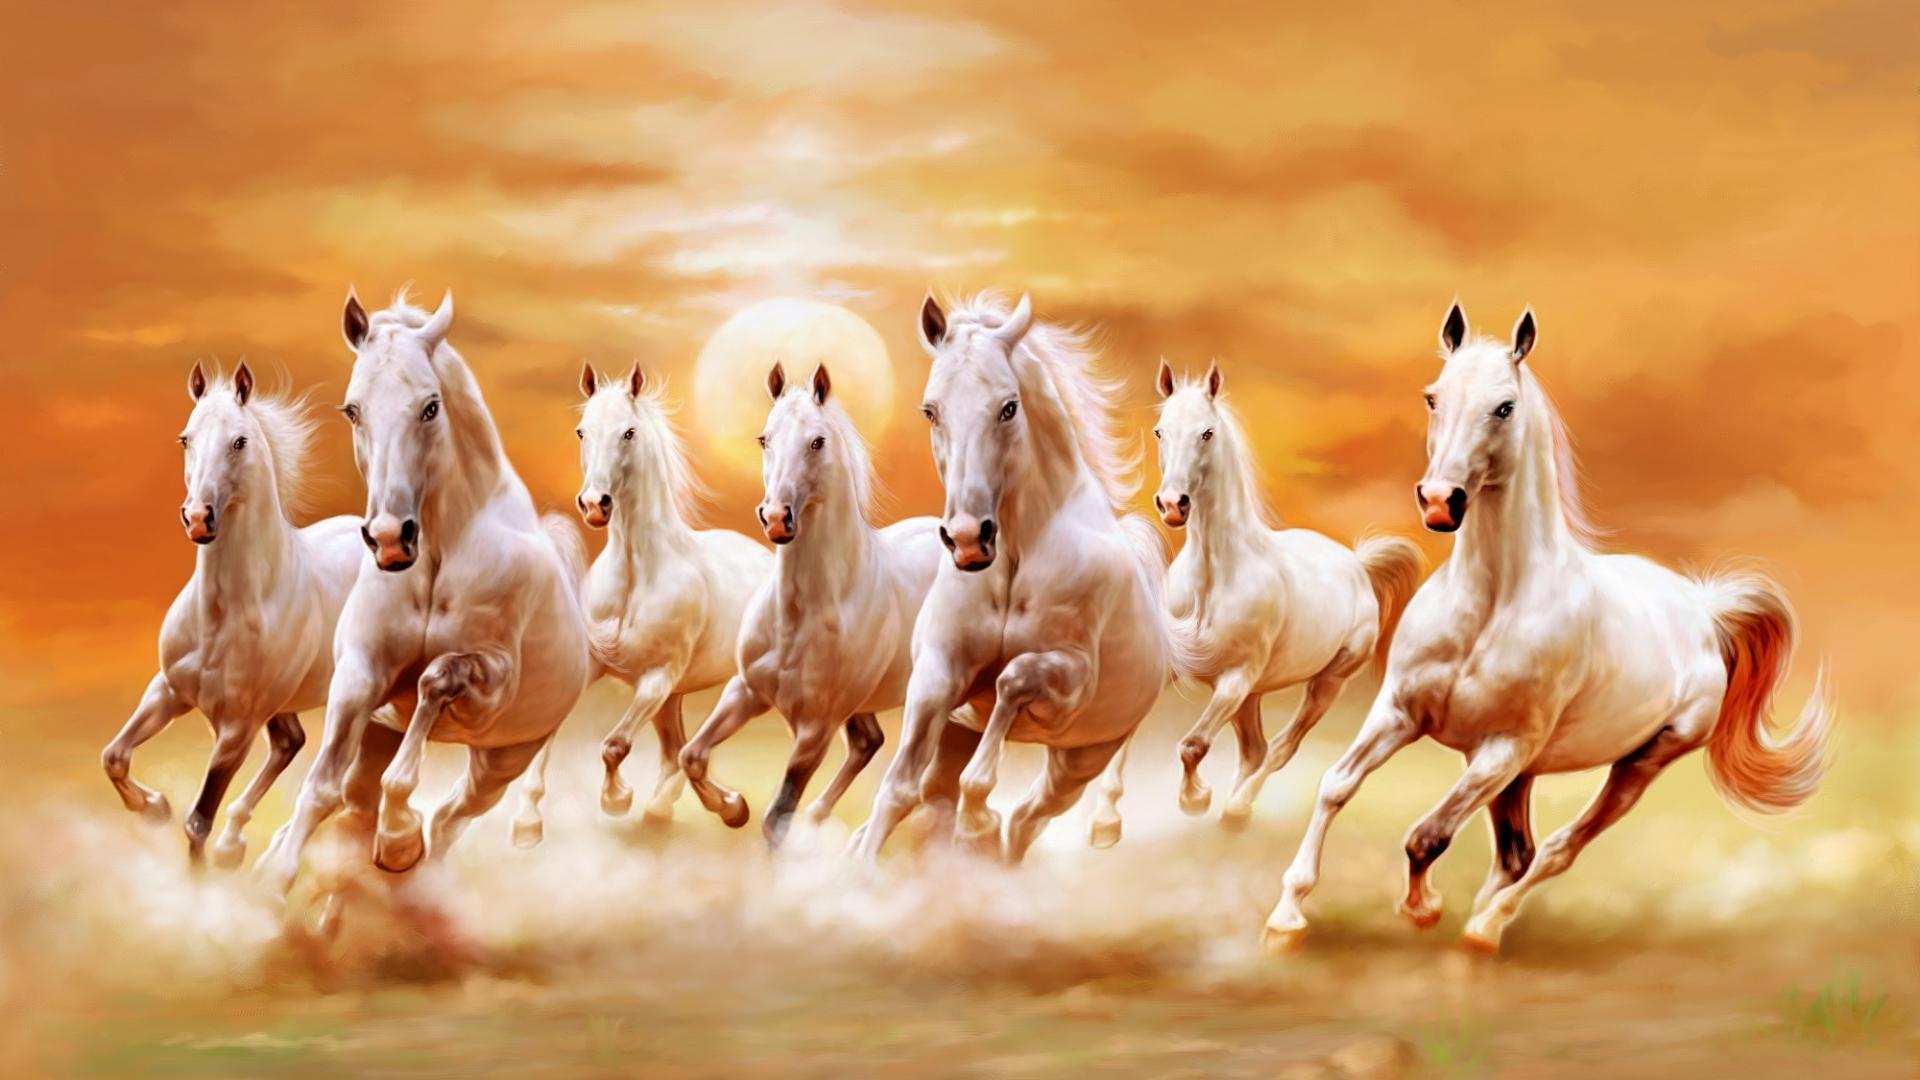 постер бегущая лошадь денис